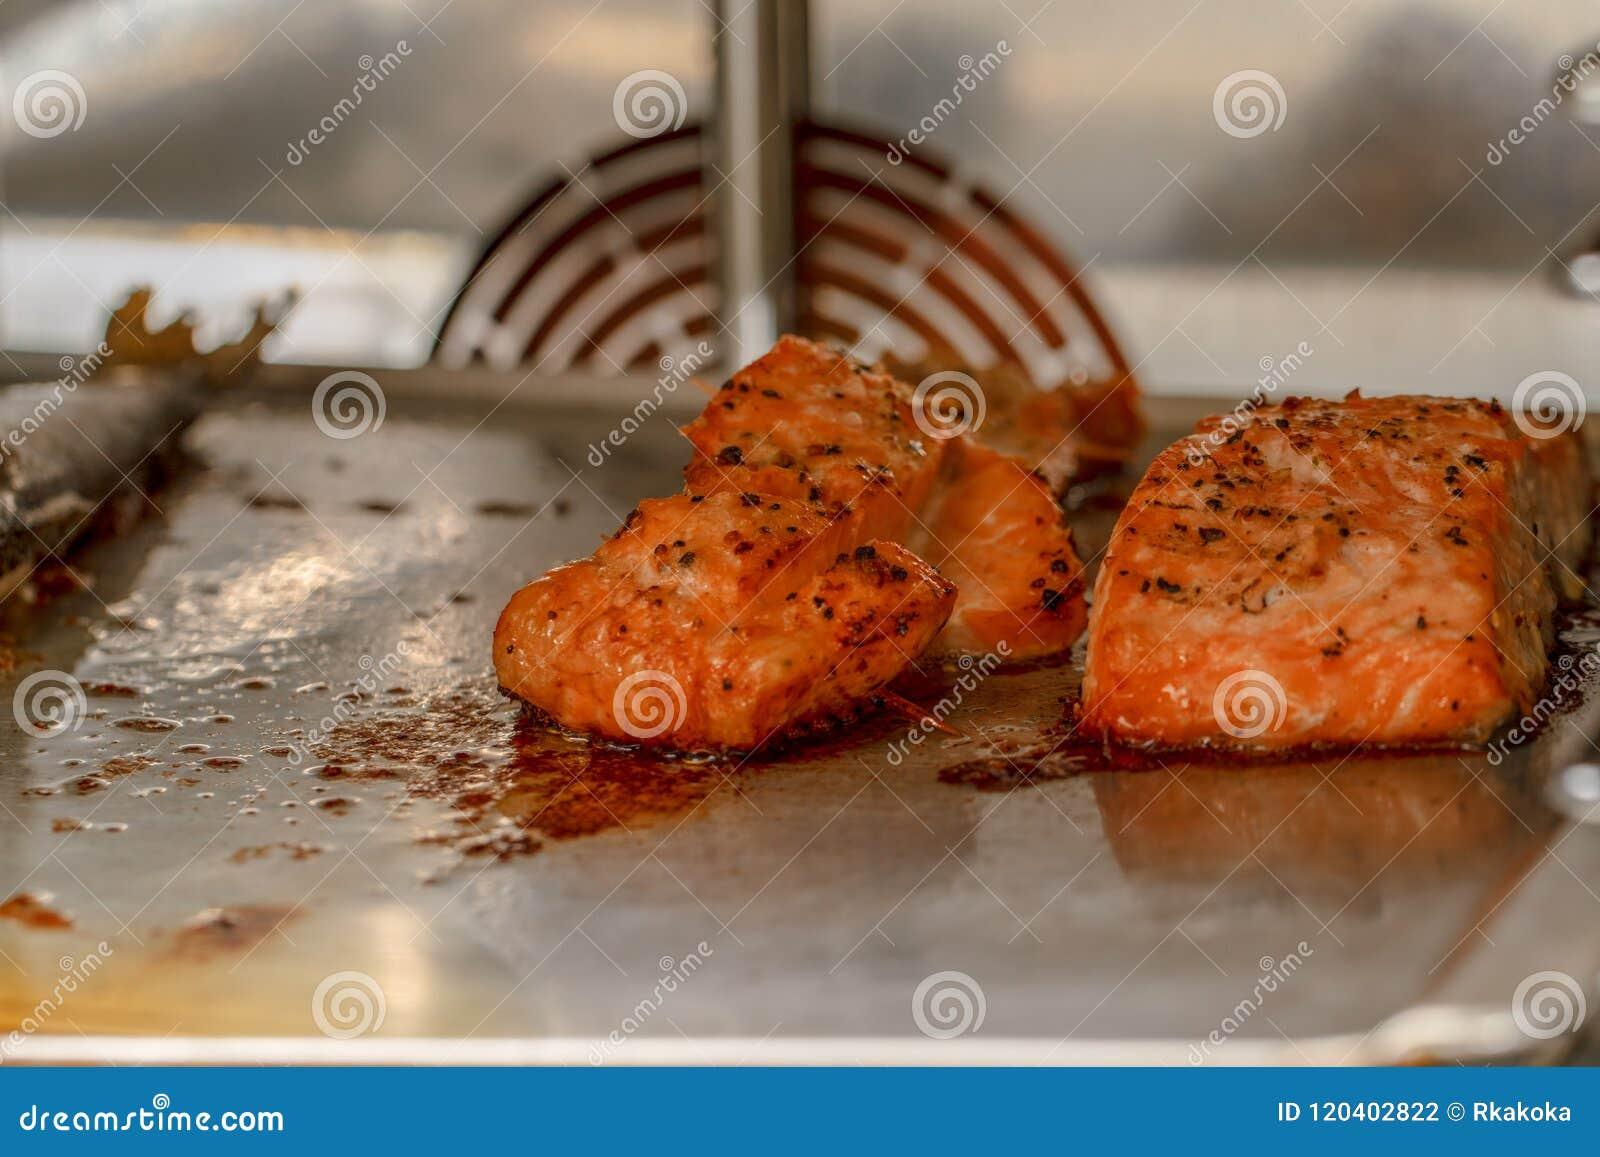 煮熟的三文鱼和其他鱼在烤箱视图里面 用卤汁泡的三文鱼海鲜烤在烤箱里面的, Ω3的健康来源 r